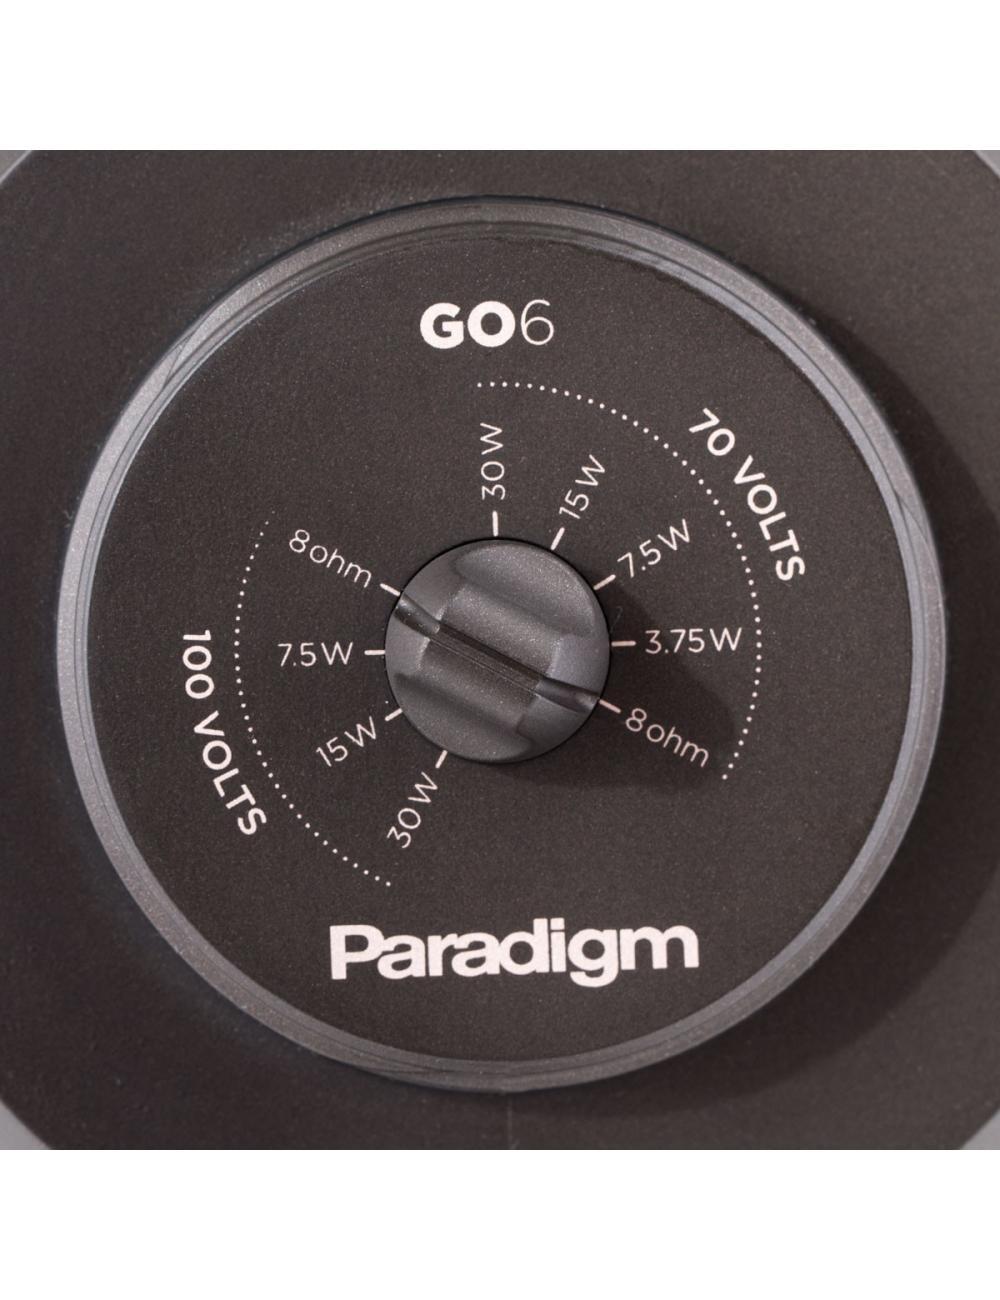 diffusore acustico HiFi da esterno resistente all'acqua,  Paradigm GO6, selettore